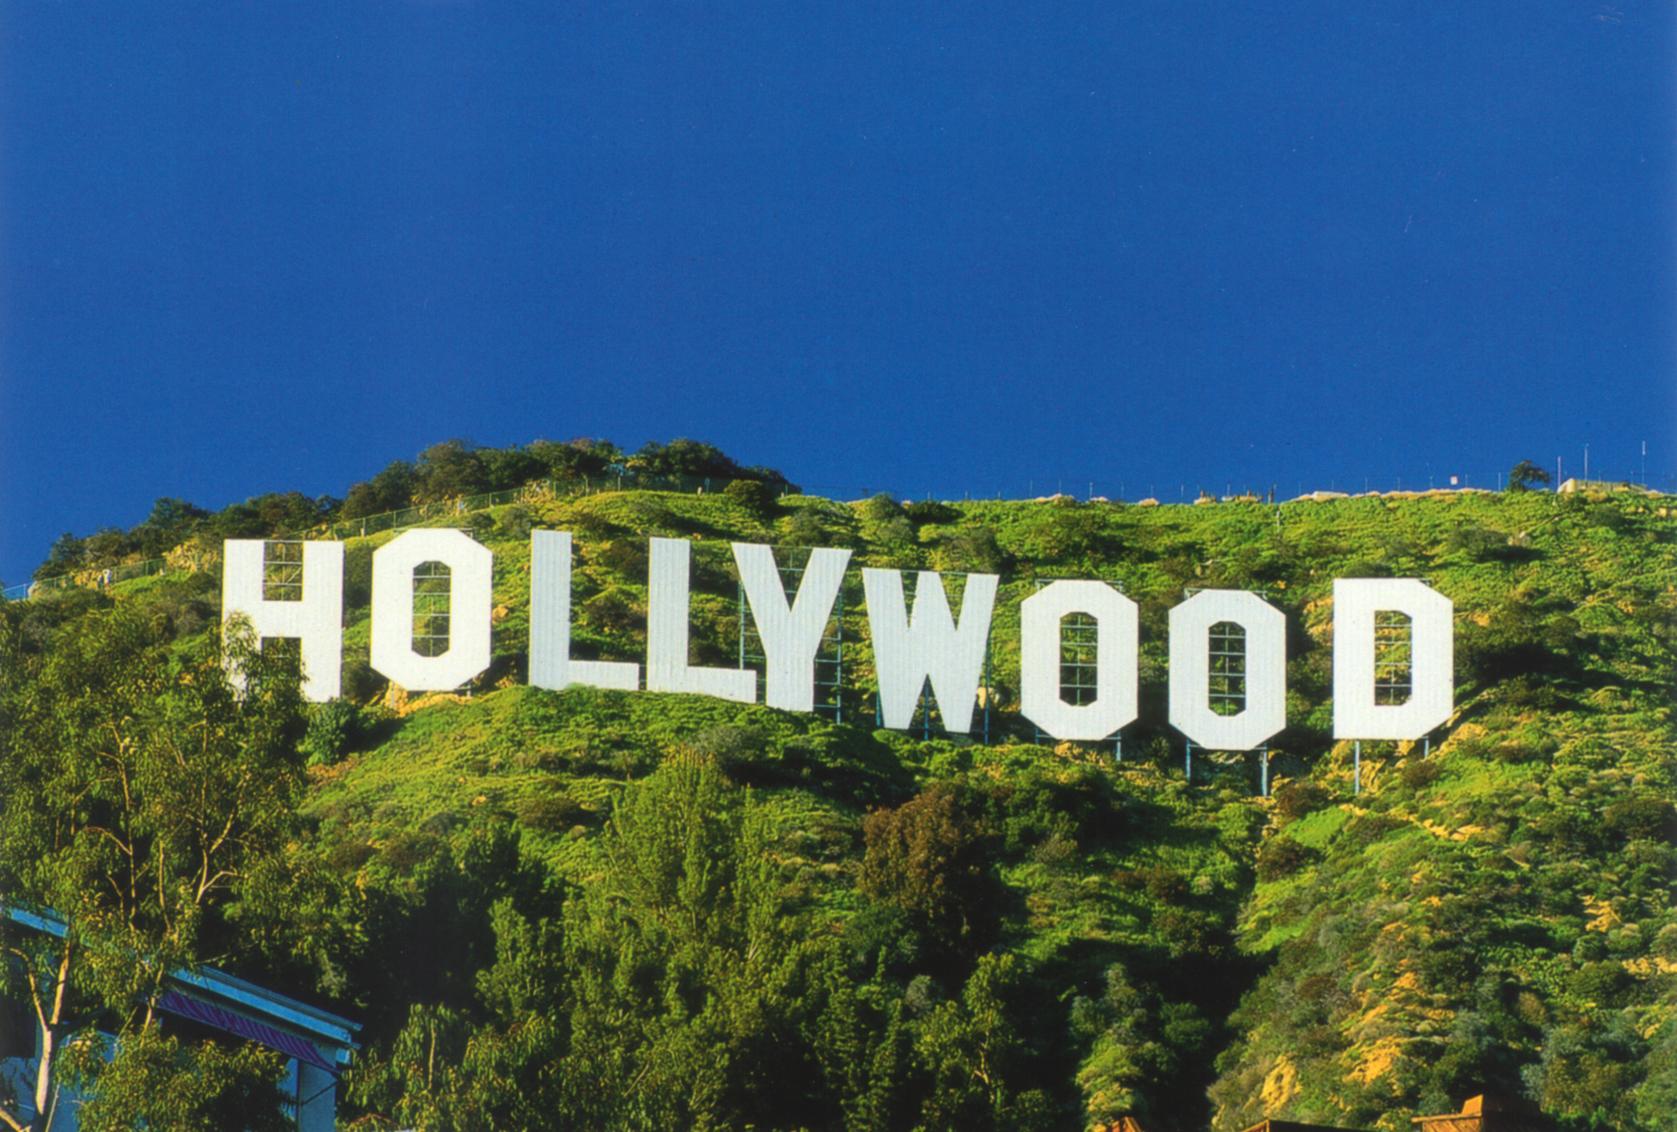 Masai Media hollywood sign wallpaper 1677x1132